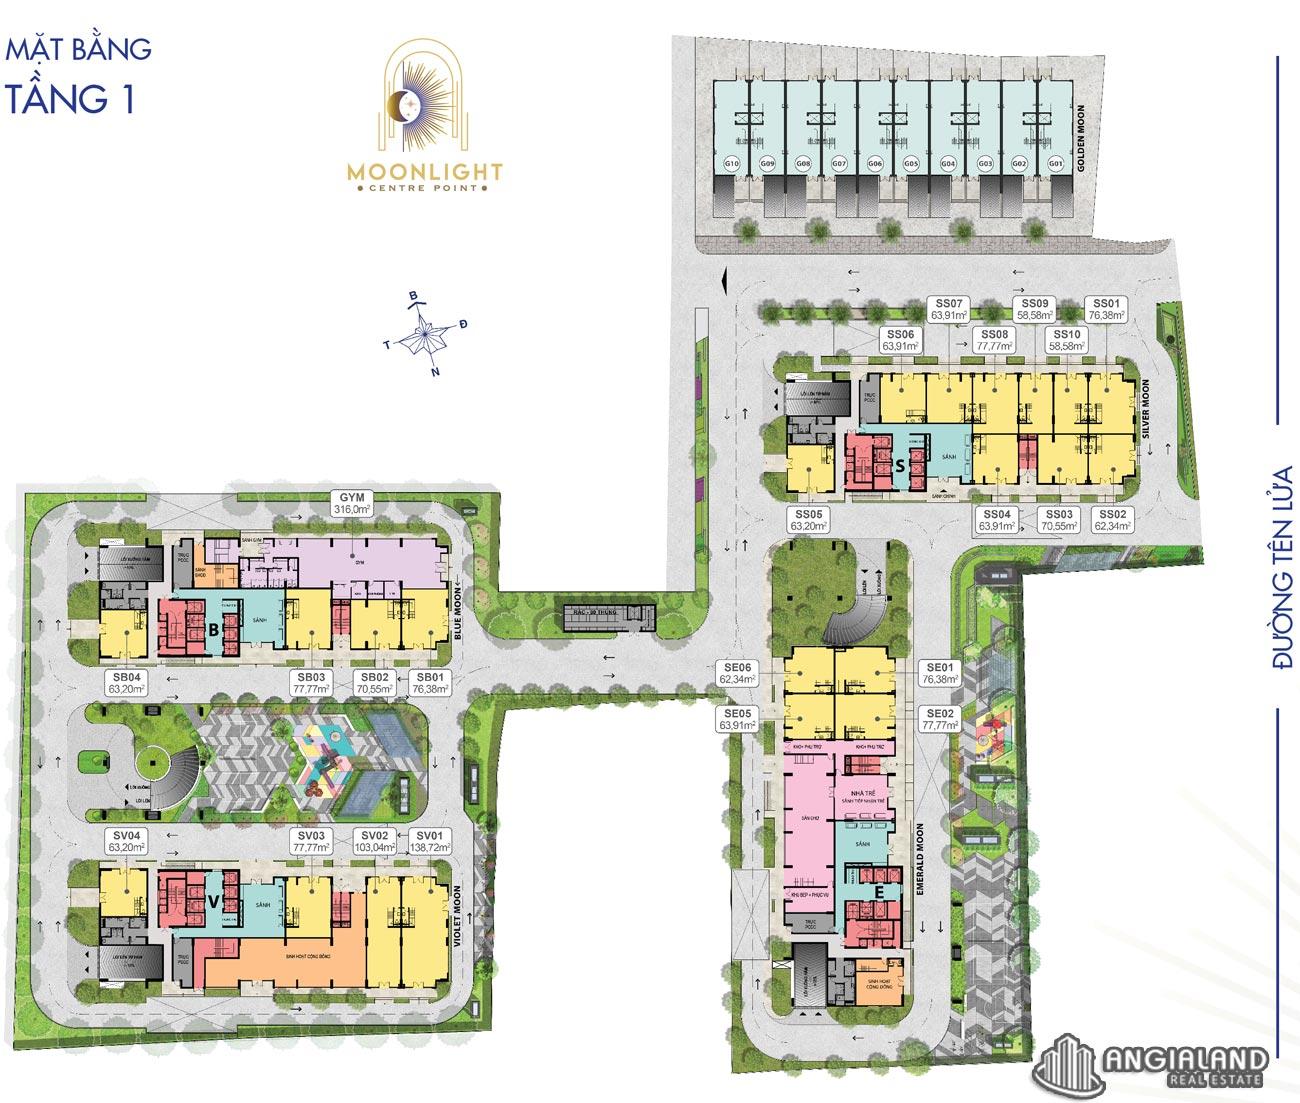 Mặt bằng tầng 01 căn hộ Moonlight Centre Point Hưng Thịnh Q.Bình Tân